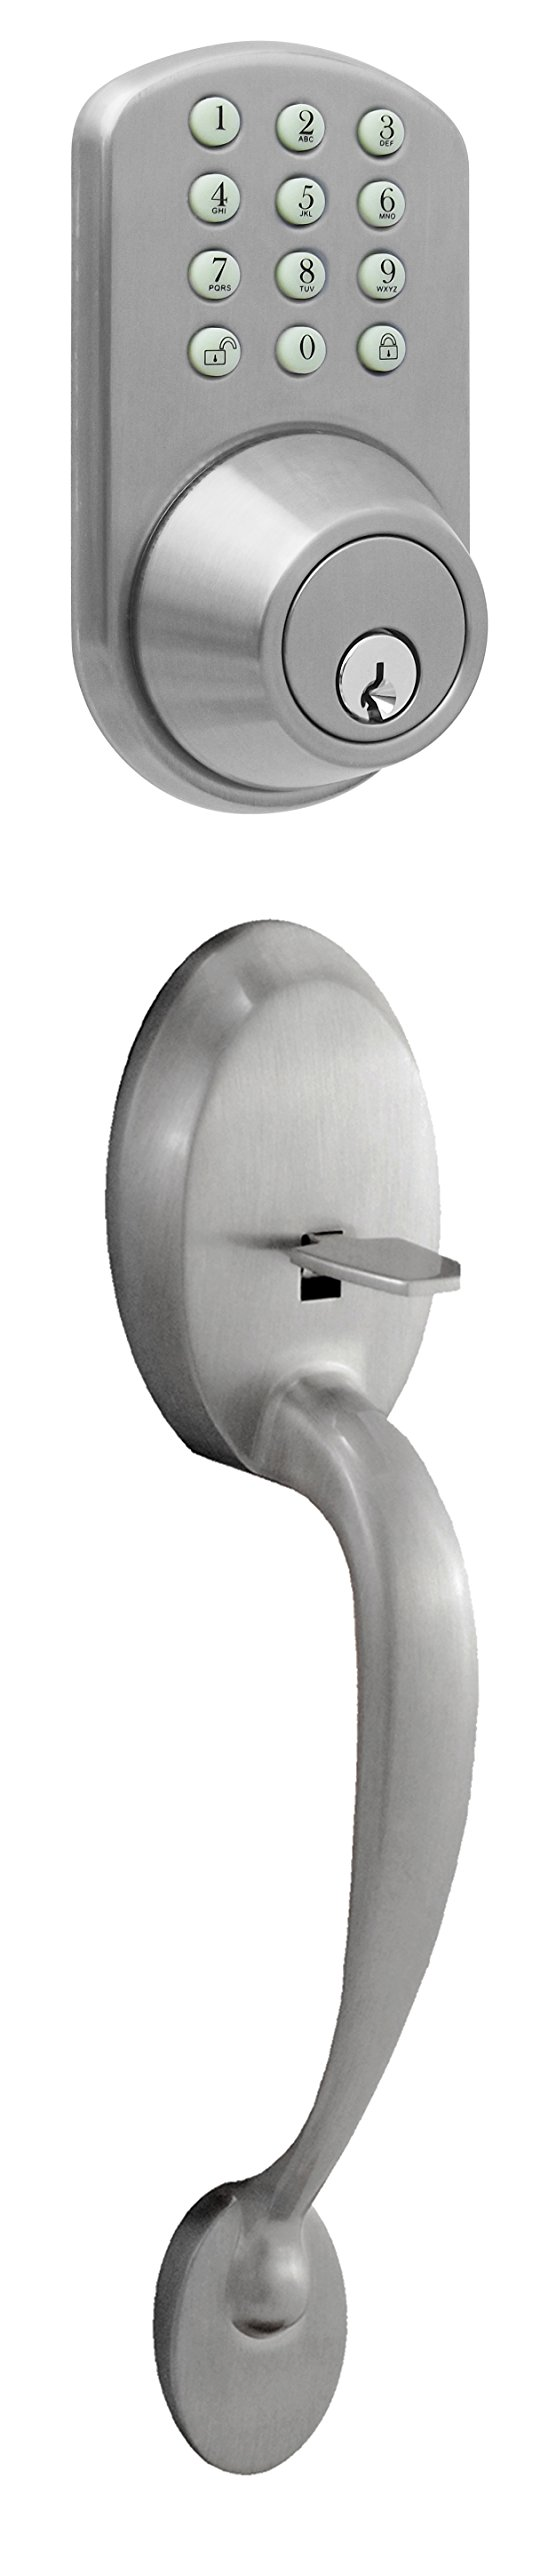 MiLocks BTF-02SN Digital Deadbolt Door Lock and Passage Handle Set Combo with Keyless Entry via Keypad Code for Exterior Doors, Satin Nickel